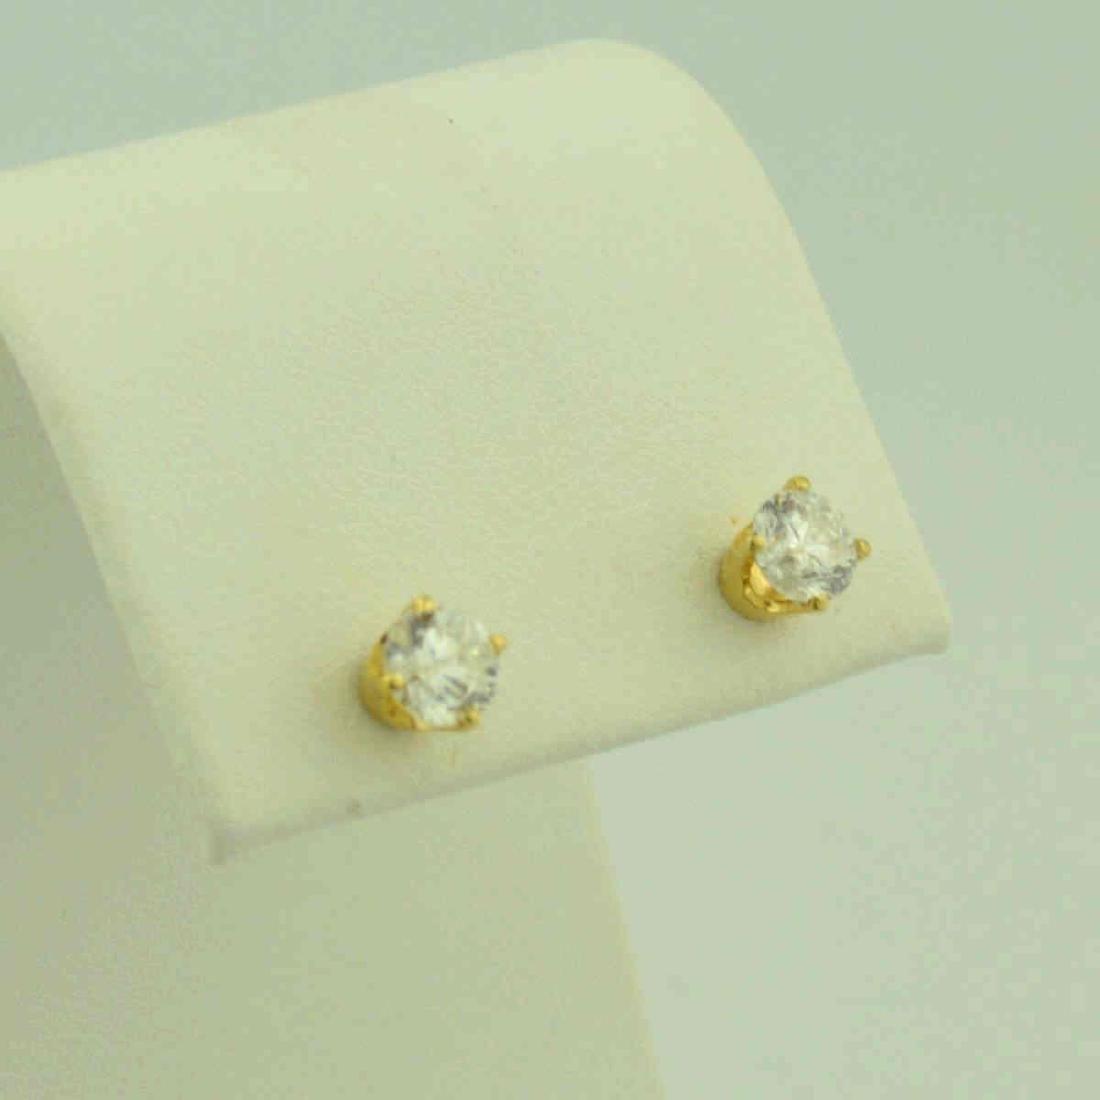 1 Ct diamond stud earrings